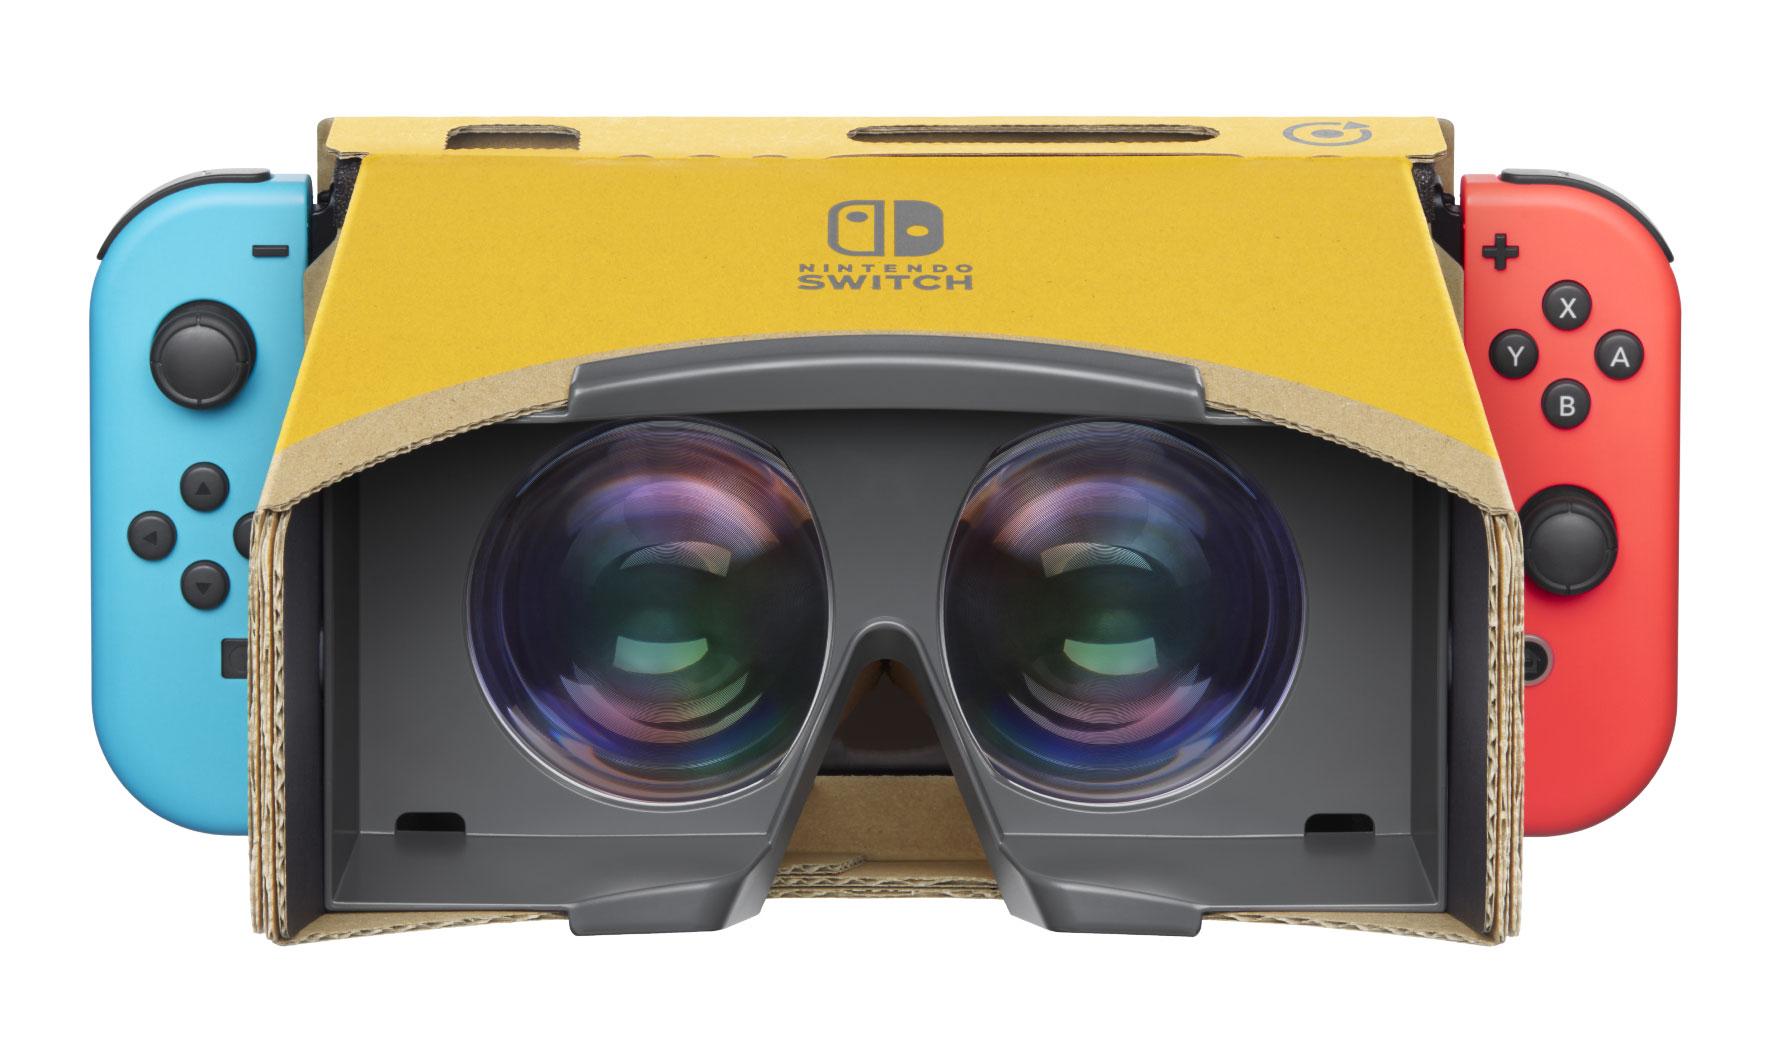 Für den VR-Genuss auf der Switch wird die Konsole in ein Cardboard-ähnliches Labo-Modell gesteckt.